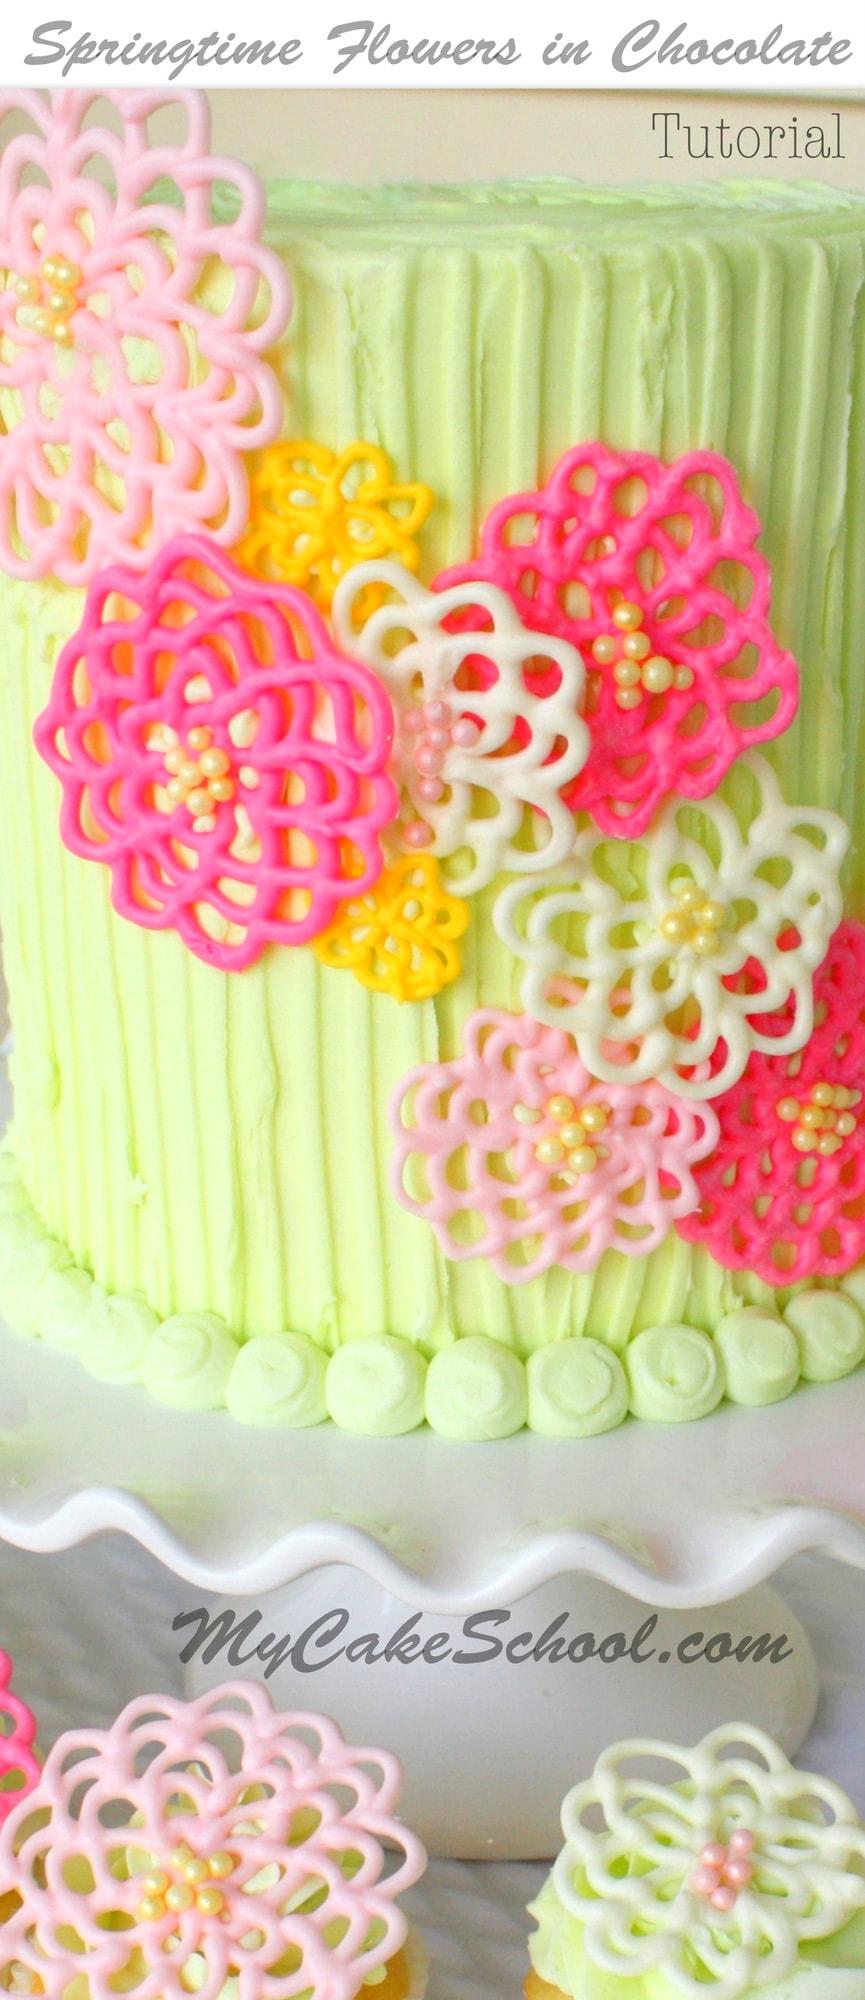 Cake Decorating Chocolate Flowers : Springtime Flowers in Chocolate!~ A Cake Decorating Blog ...